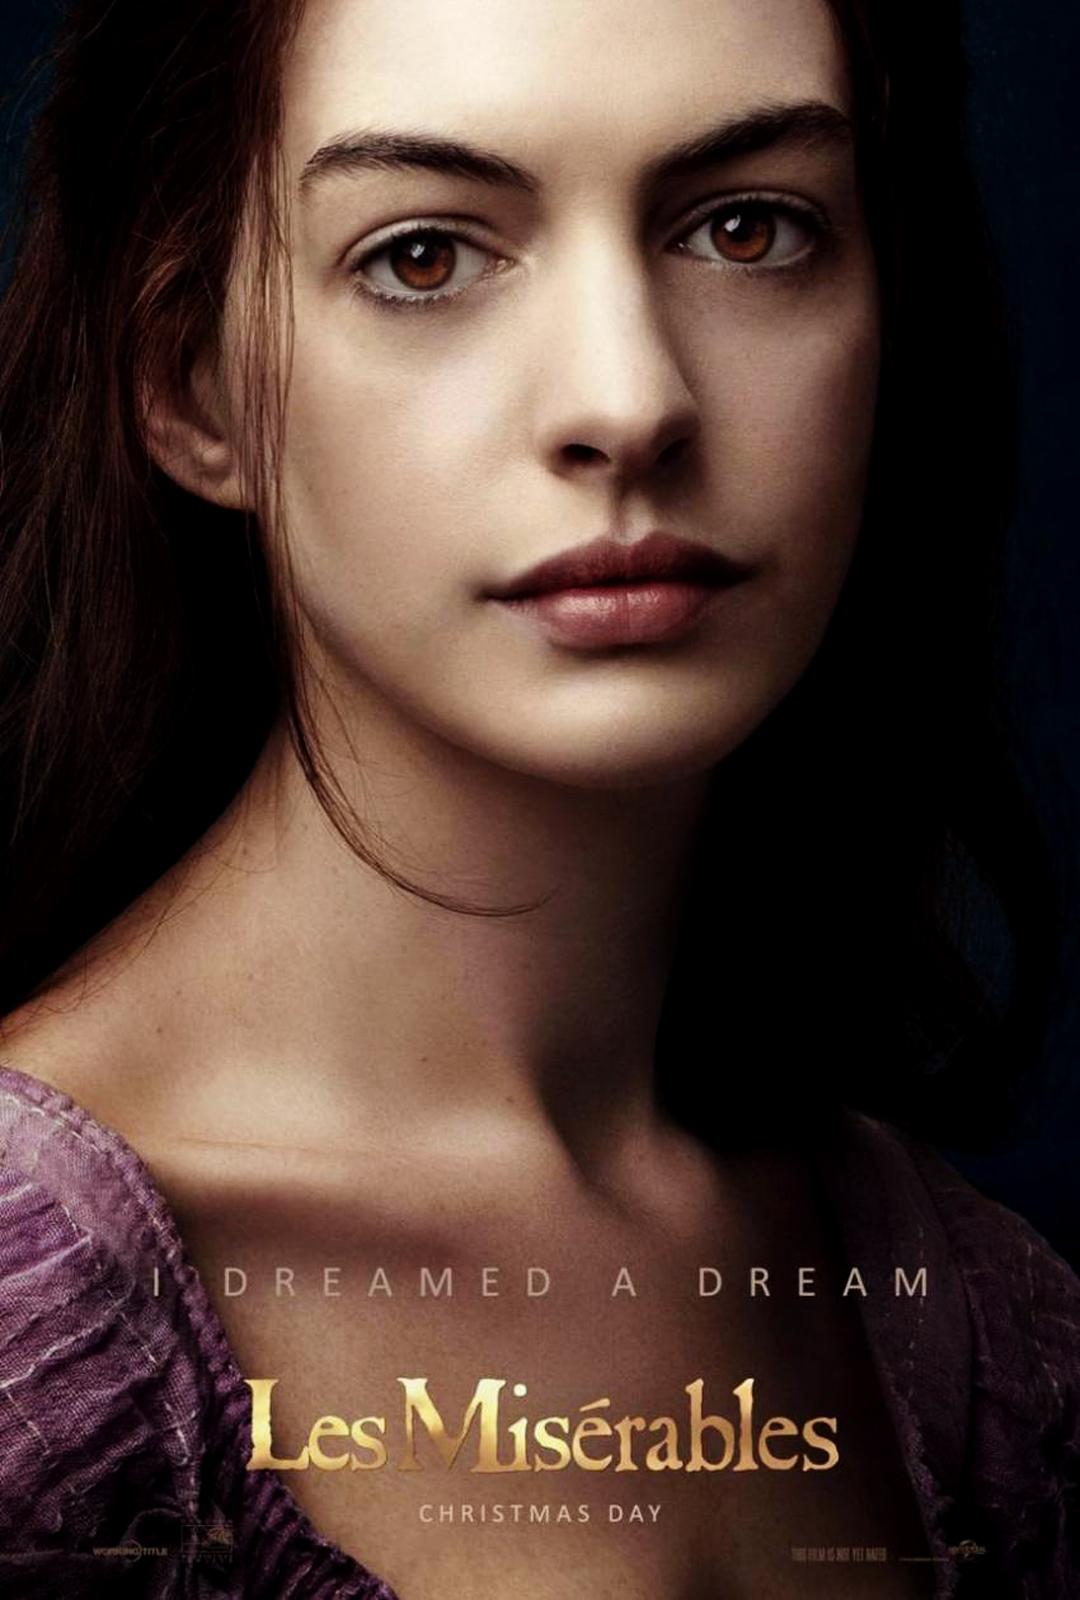 Les Miserables Essay Topics Essay Les Miserables Anne Hathaway Poster Vvallpaper Les Miserables Essay Topics